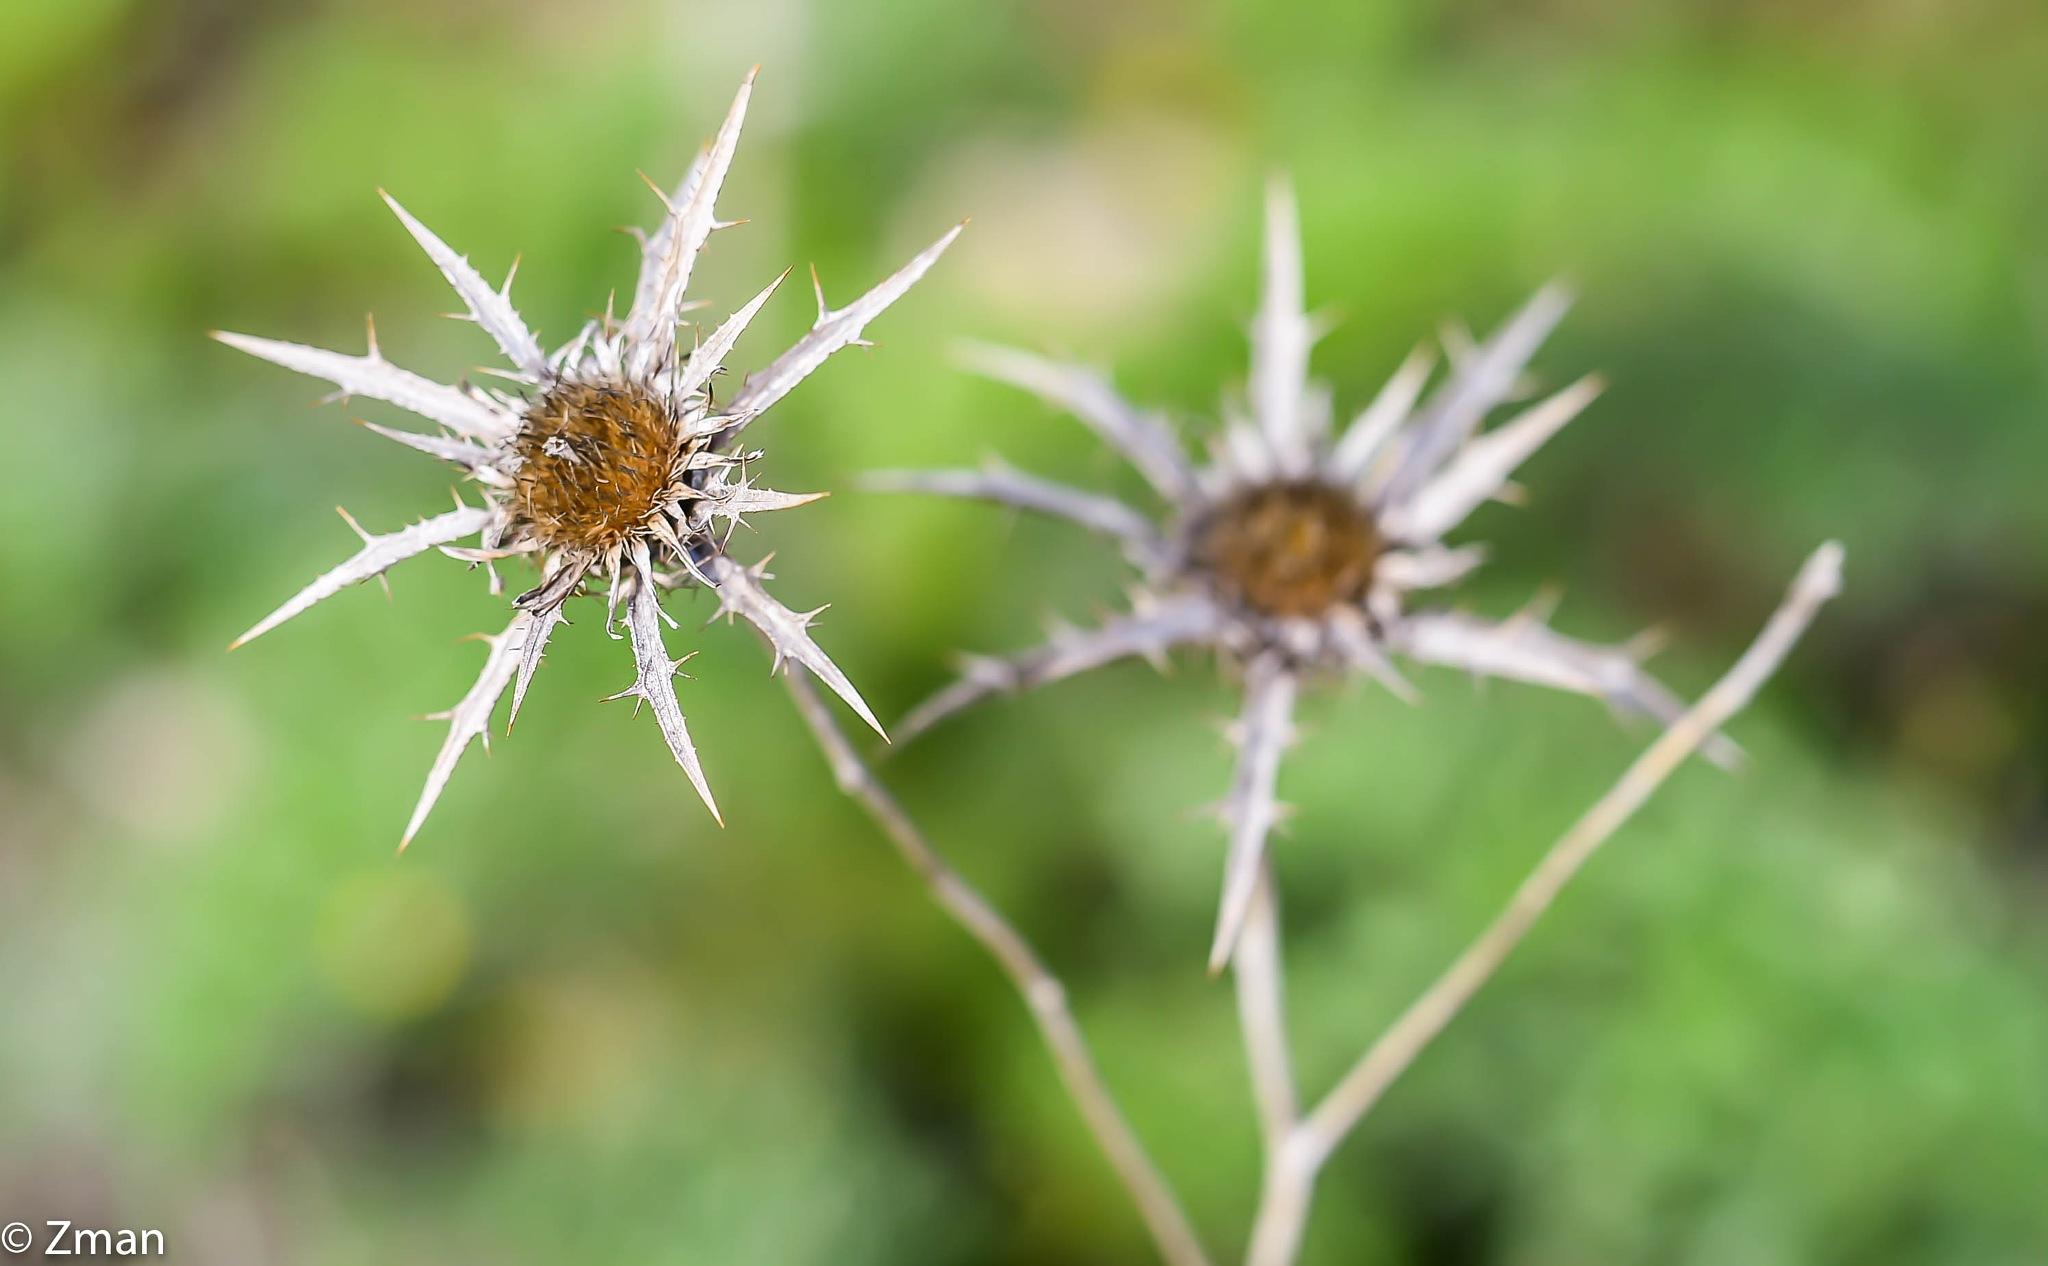 Spiky Flower by muhammad.nasser.963